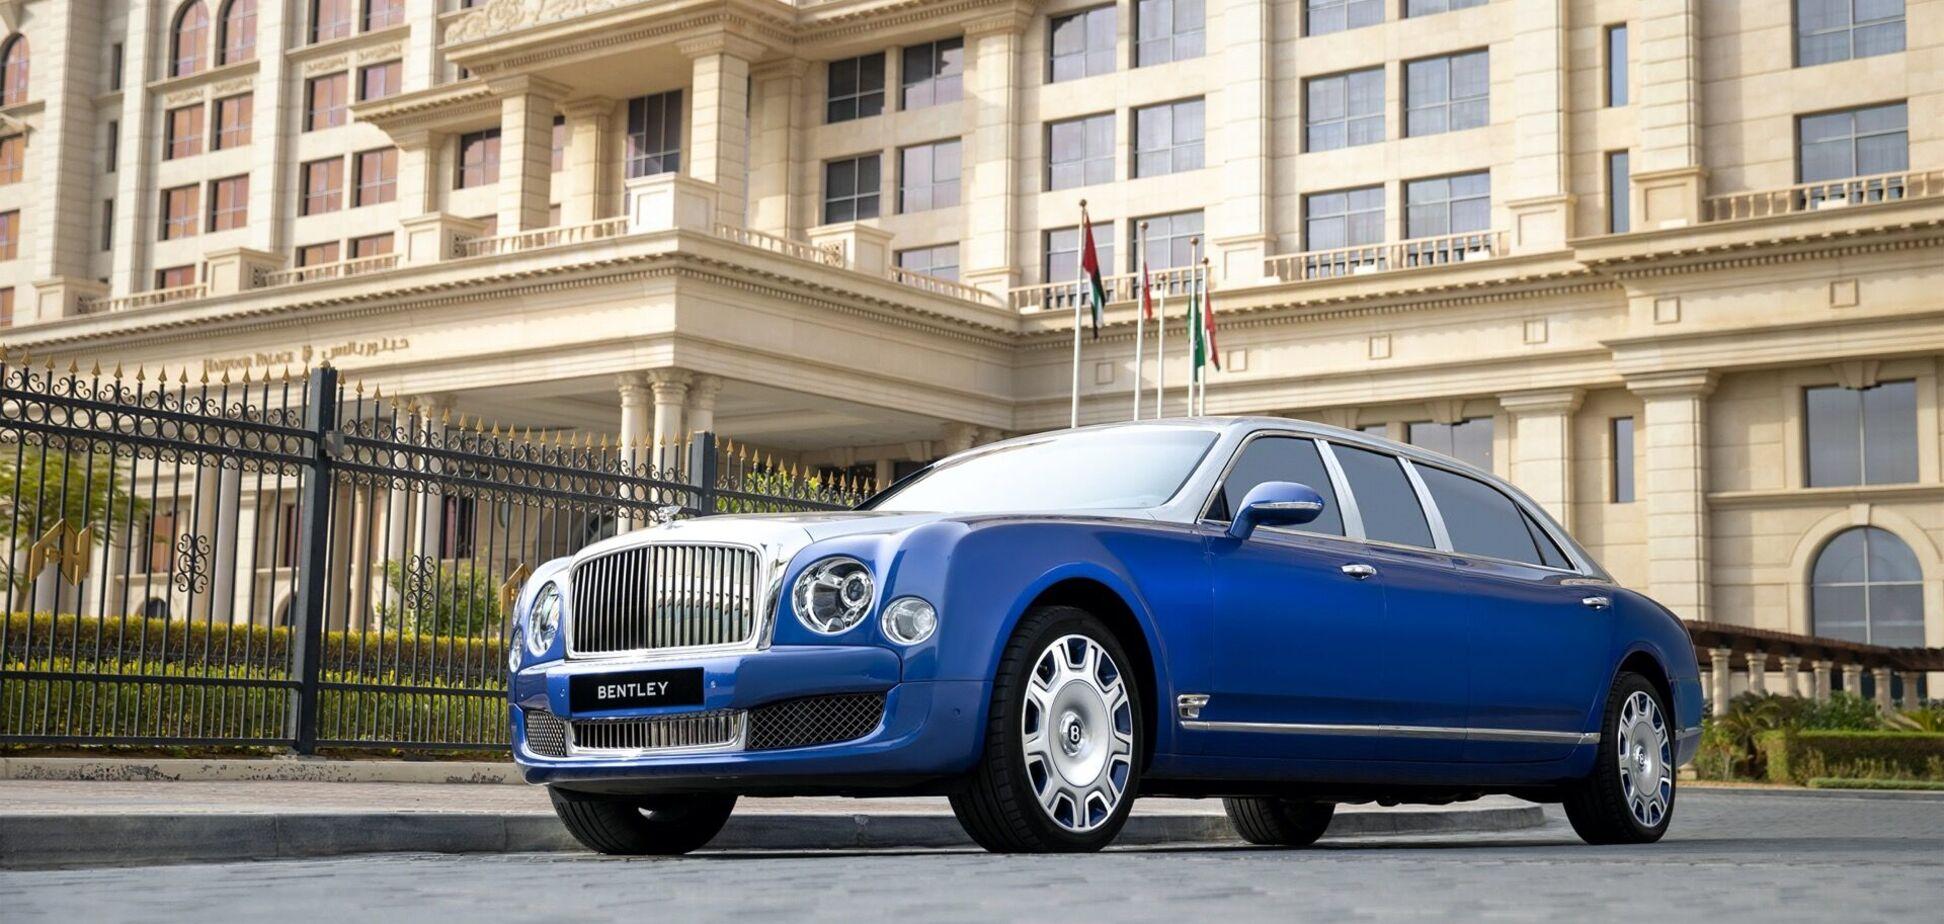 Bentley виставив на продаж 5 унікальних лімузинів Mulsanne